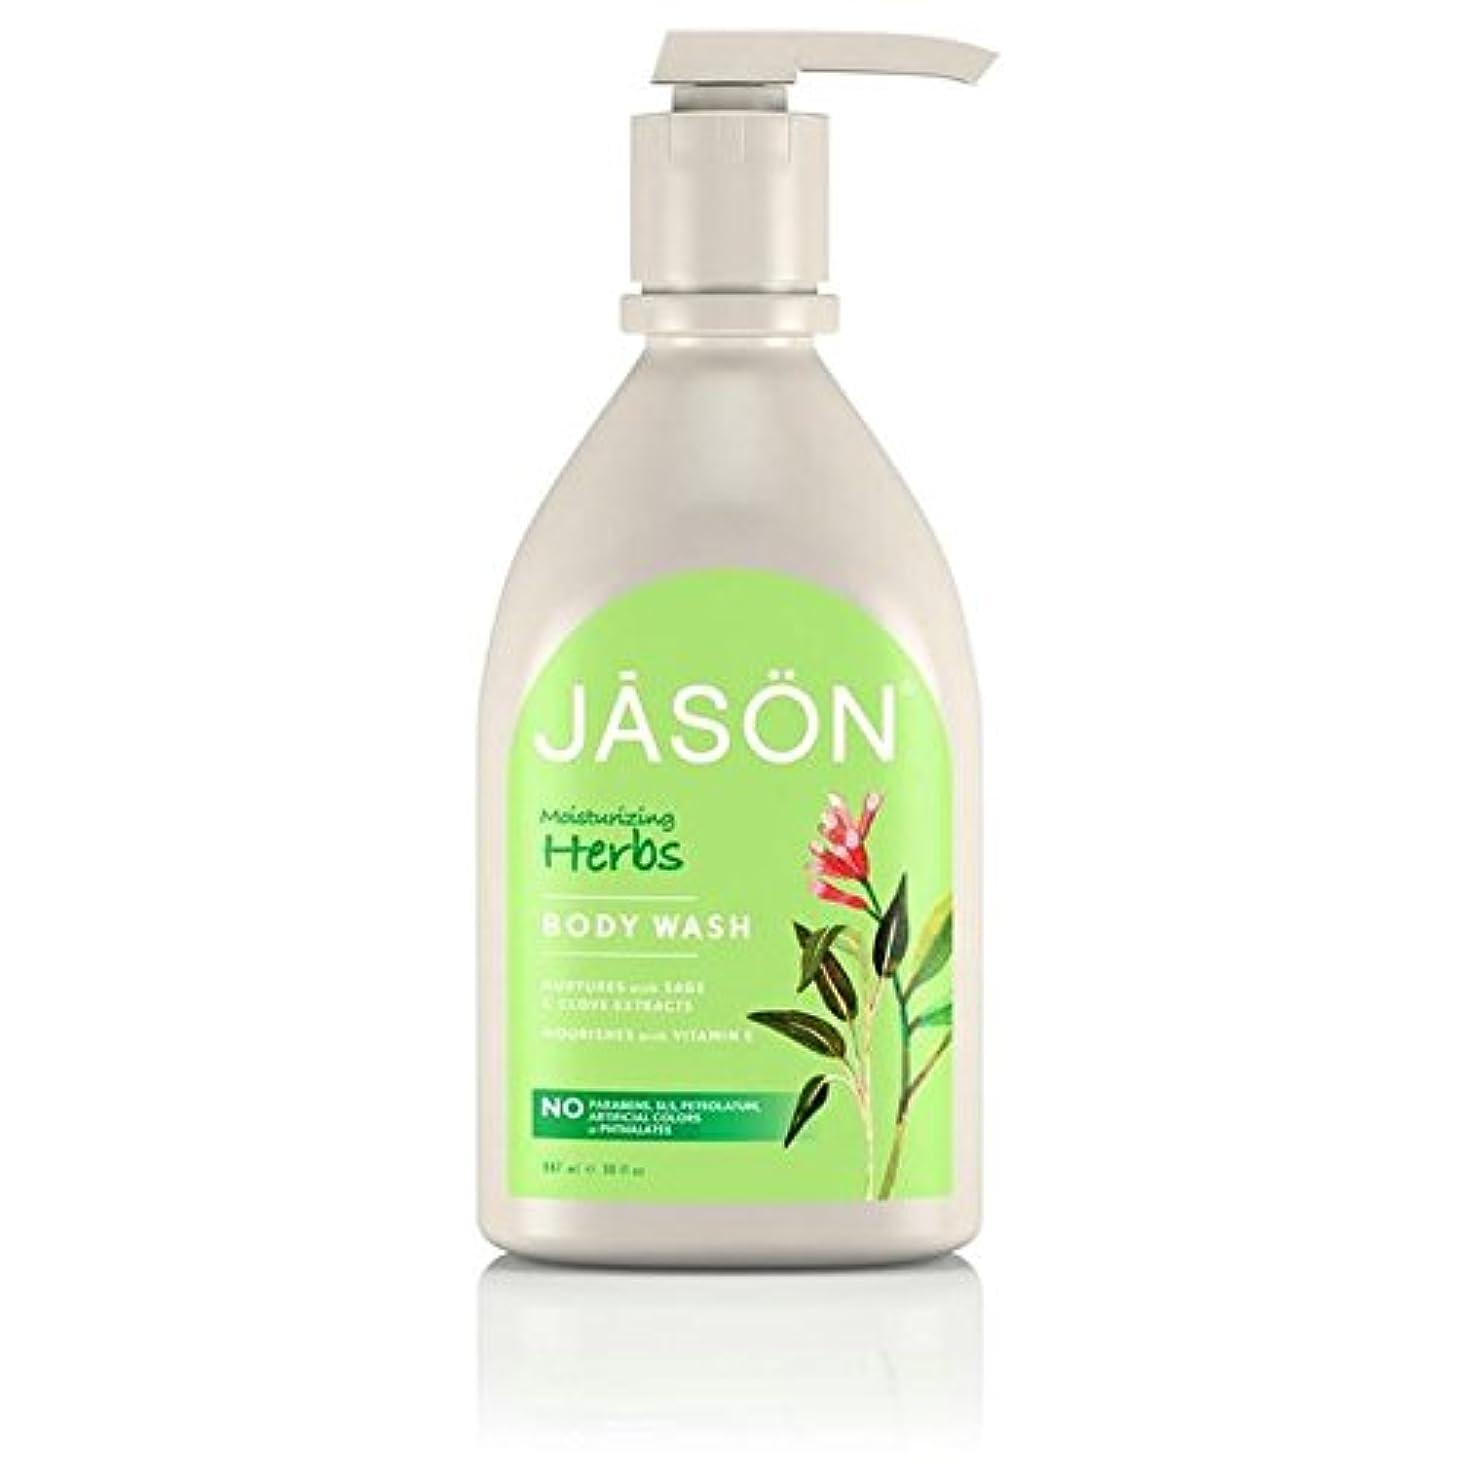 テクニカルシェトランド諸島カヌーJason Herbal Satin Body Wash Pump 900ml (Pack of 6) - ジェイソン?ハーブサテンボディウォッシュポンプ900ミリリットル x6 [並行輸入品]